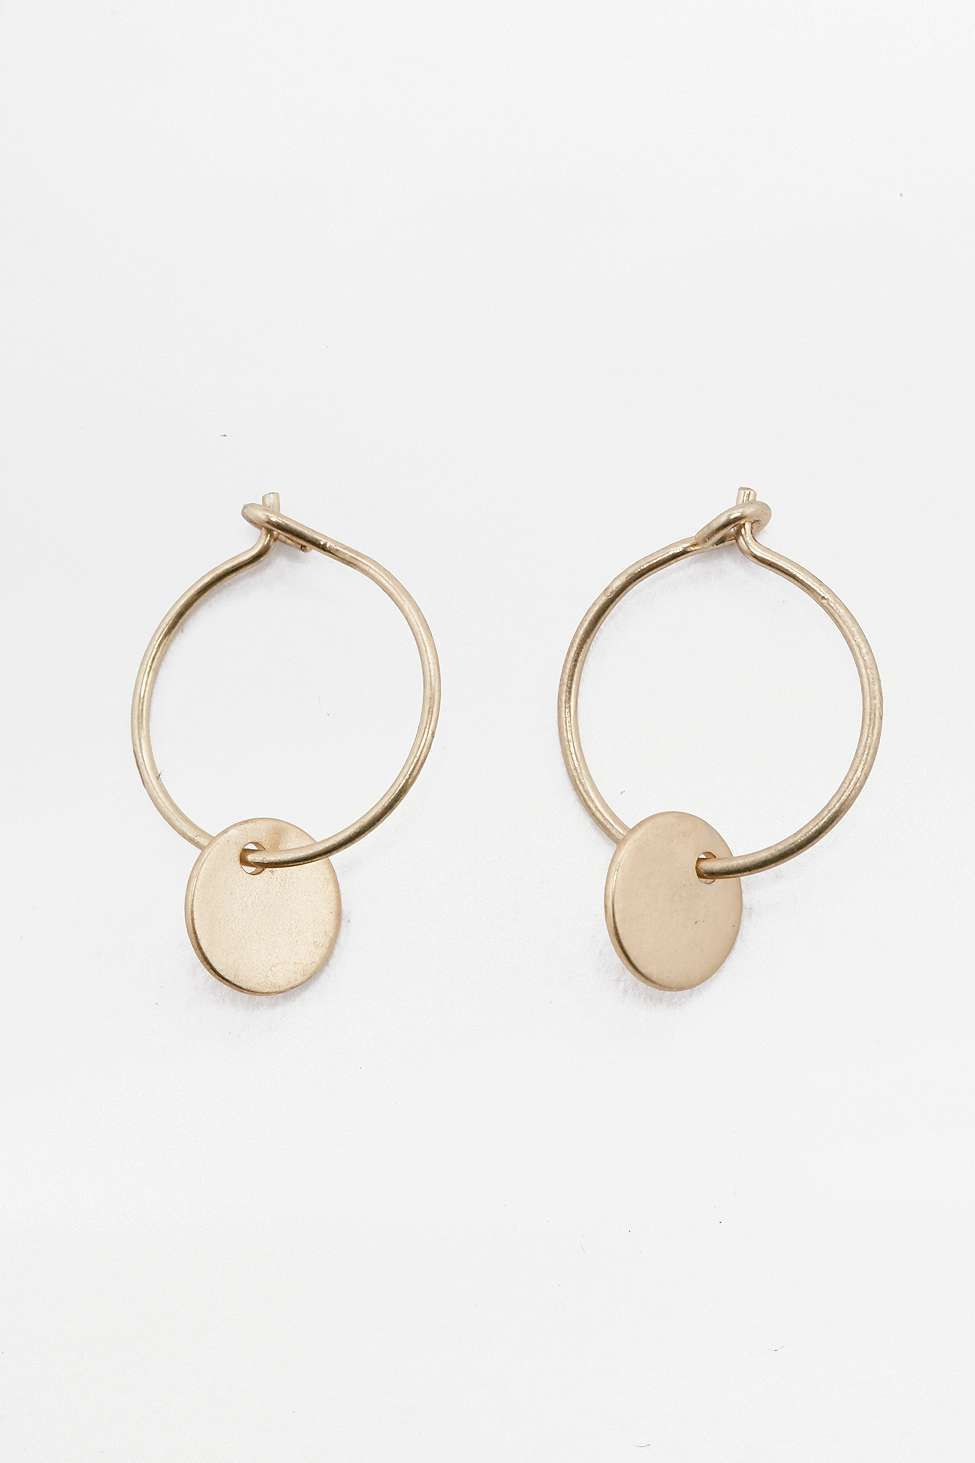 Hanging Hoop Earrings Uo 9